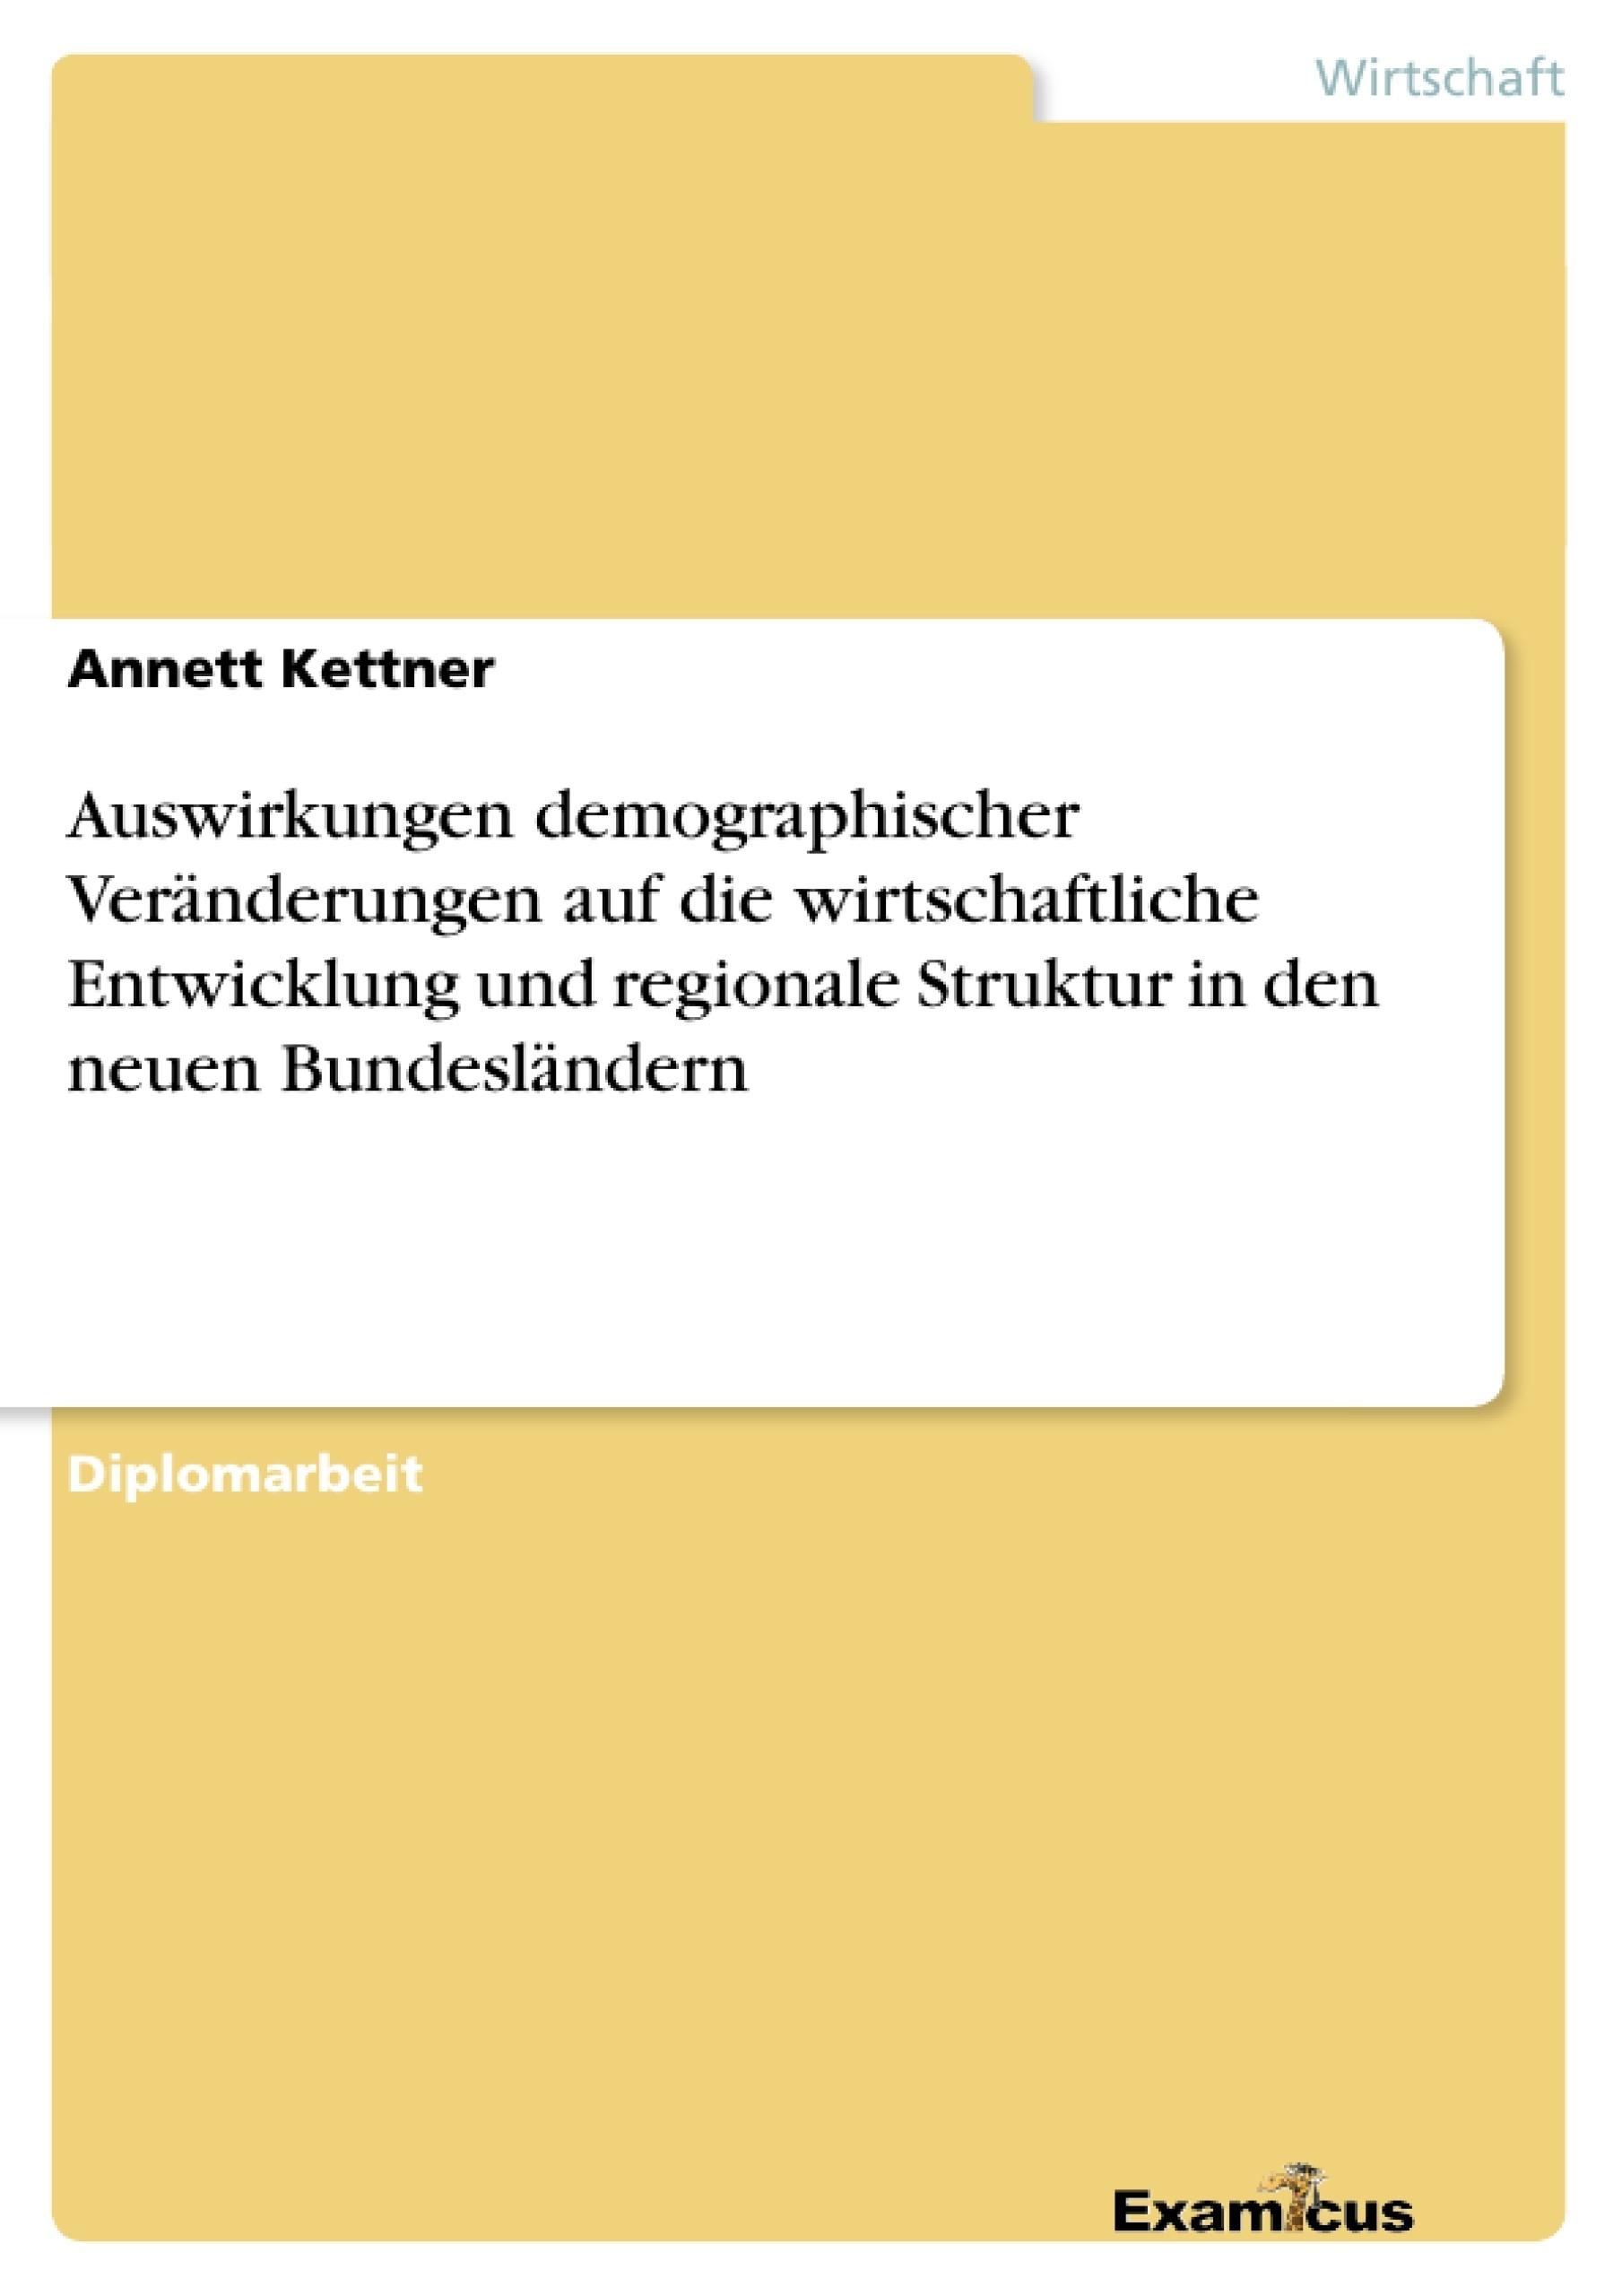 Großzügig Synonyme Für Erfahrung Fortsetzen Galerie - Beispiel ...